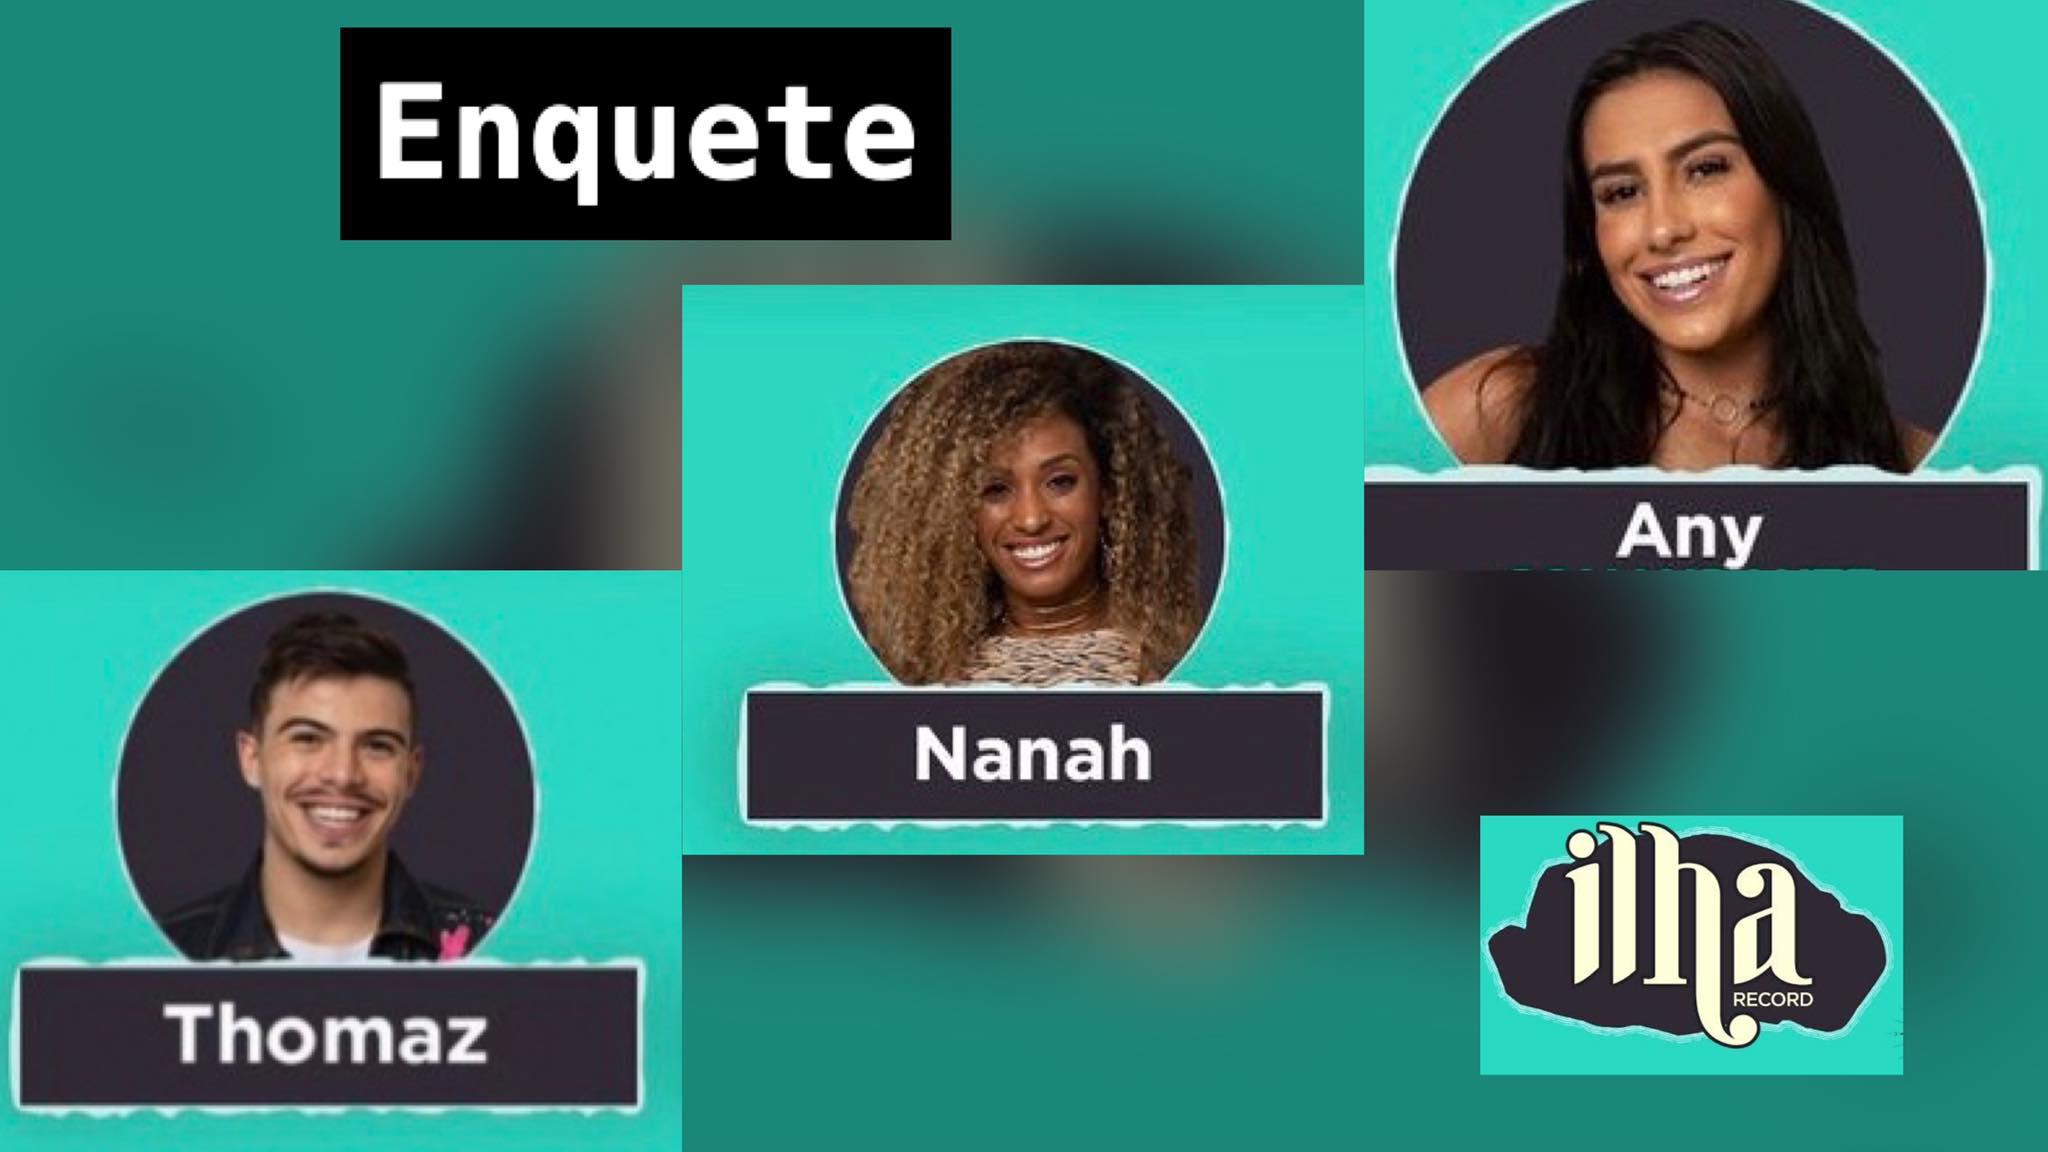 Any, Nanah e Thomaz estão no Desafio de Sobrevivência do Ilha Record. Dessa forma, vote na Enquete. Fonte: Montagem/ Fashion Bubbles